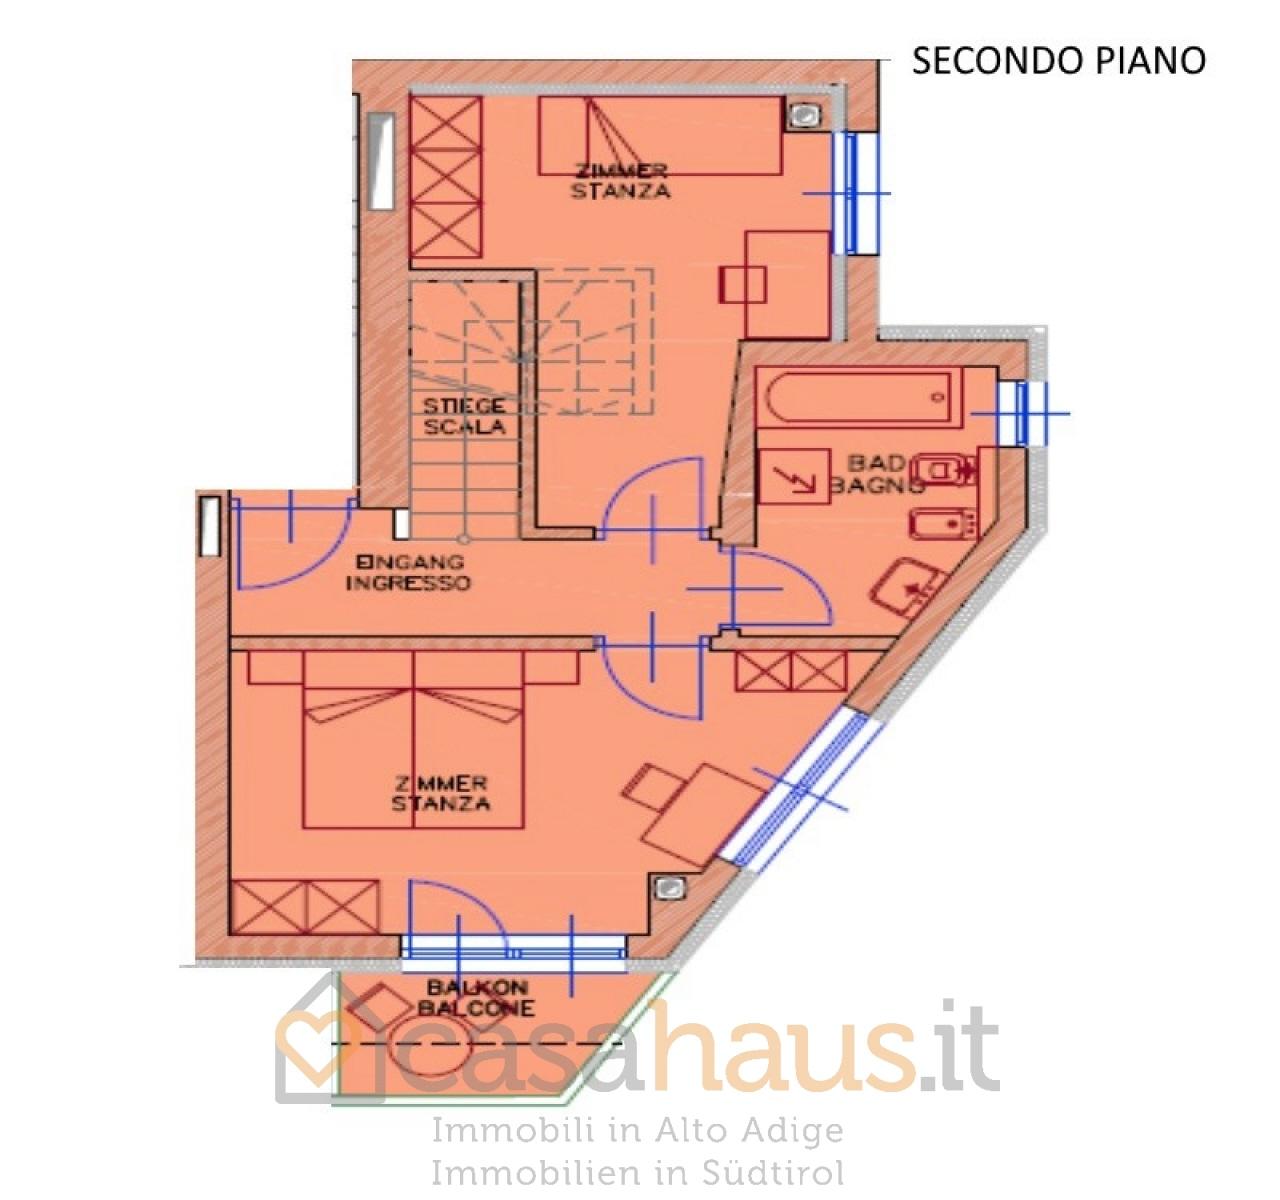 Appartamento in vendita a Tires, 3 locali, prezzo € 315.000 | CambioCasa.it